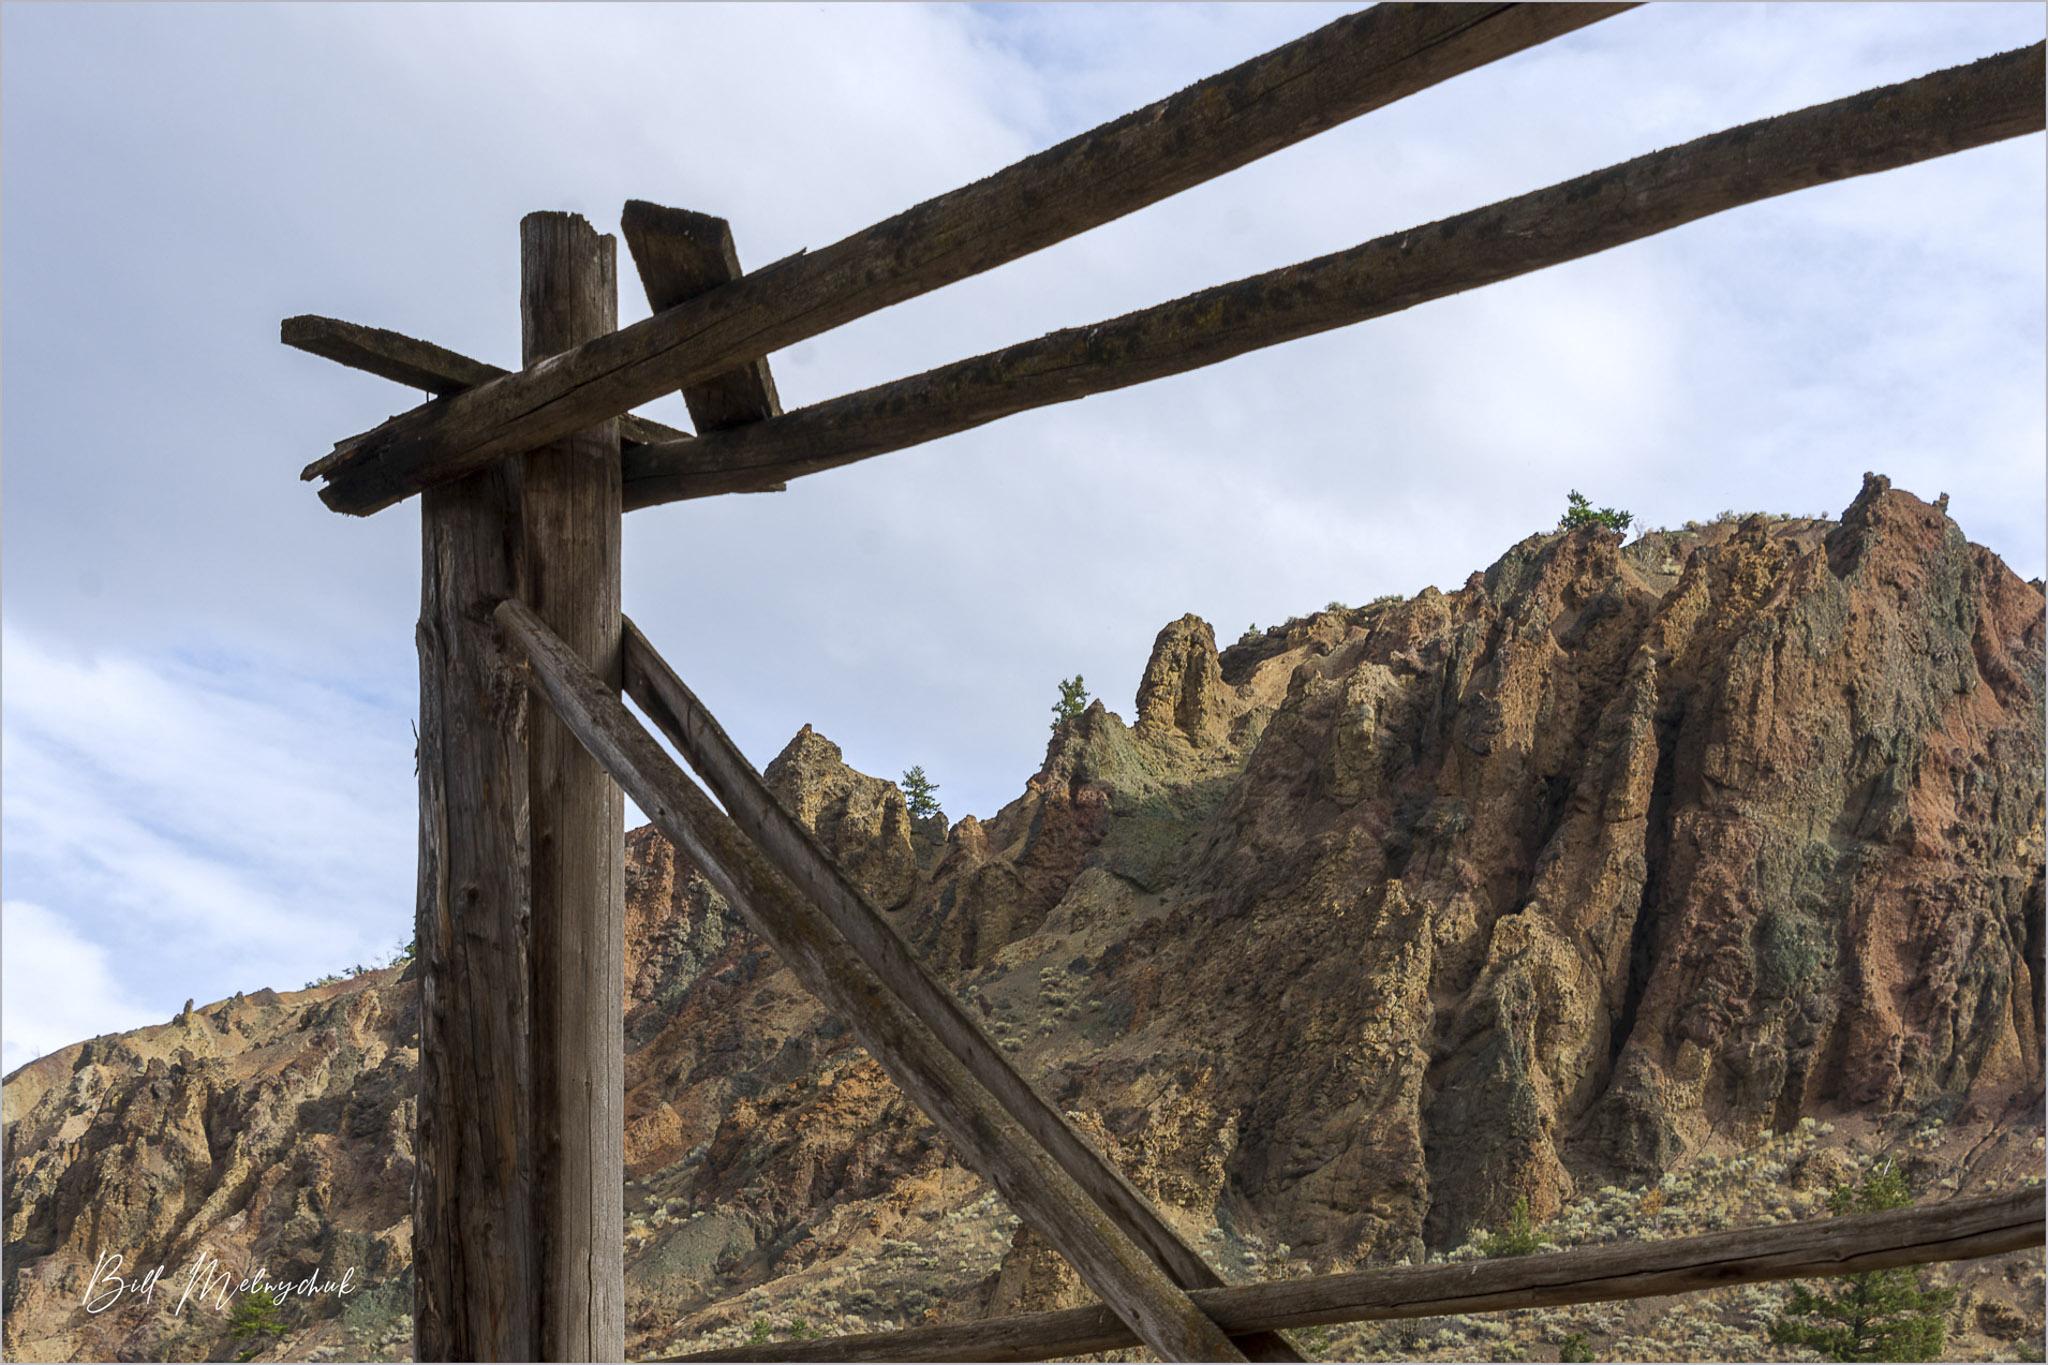 Thru the Gate - Bill Melnychuk